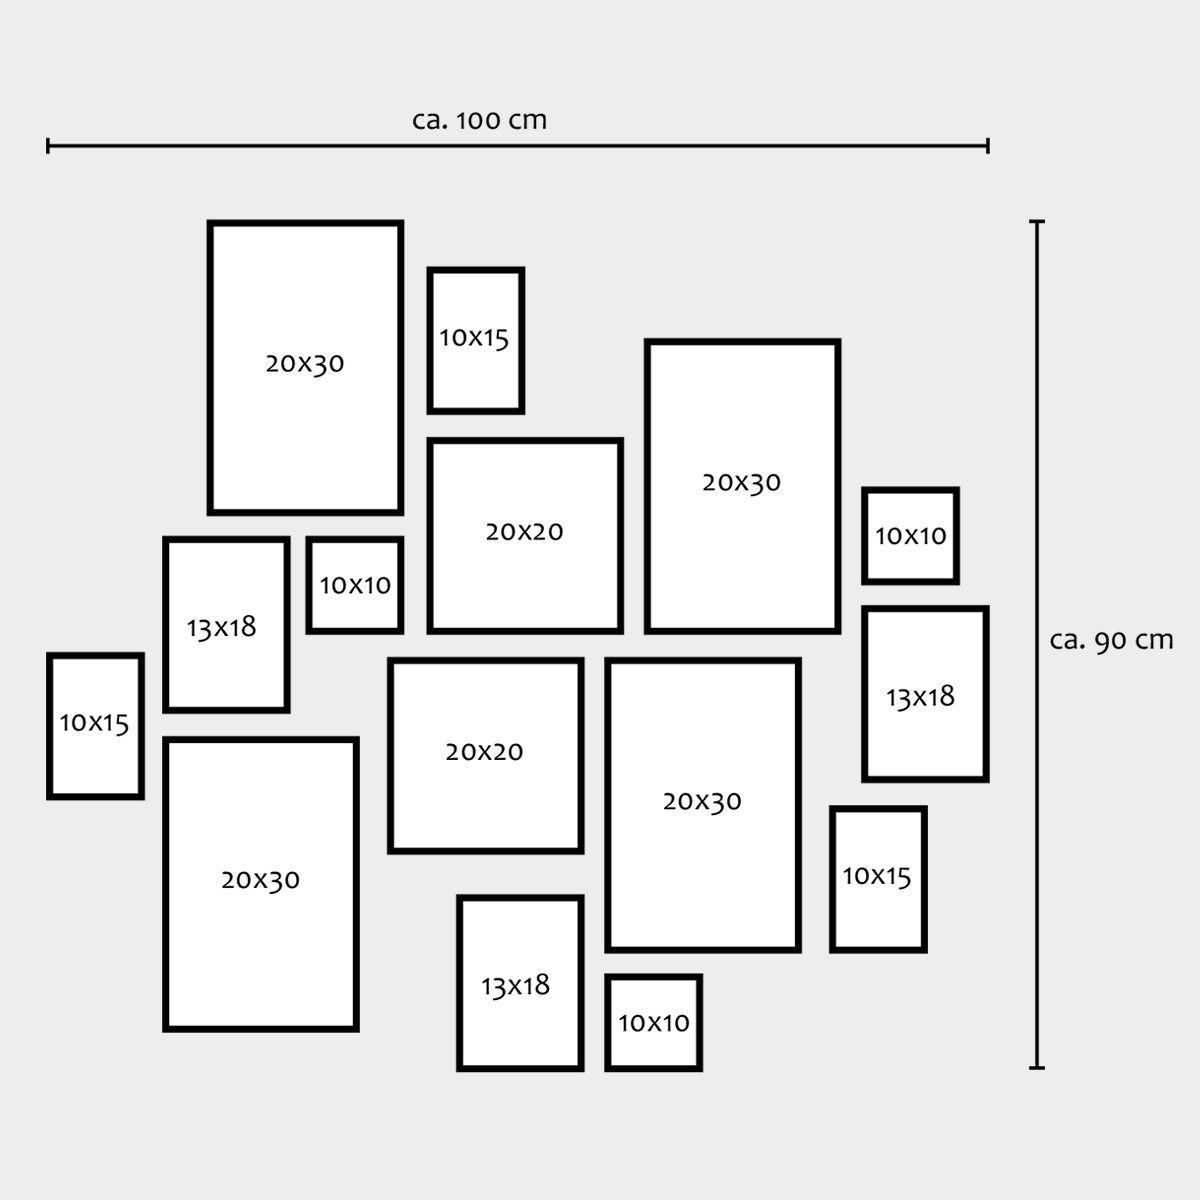 15er Set Bilderrahmen Modern Weiss Aus Mdf 10x15 Bis 20x30